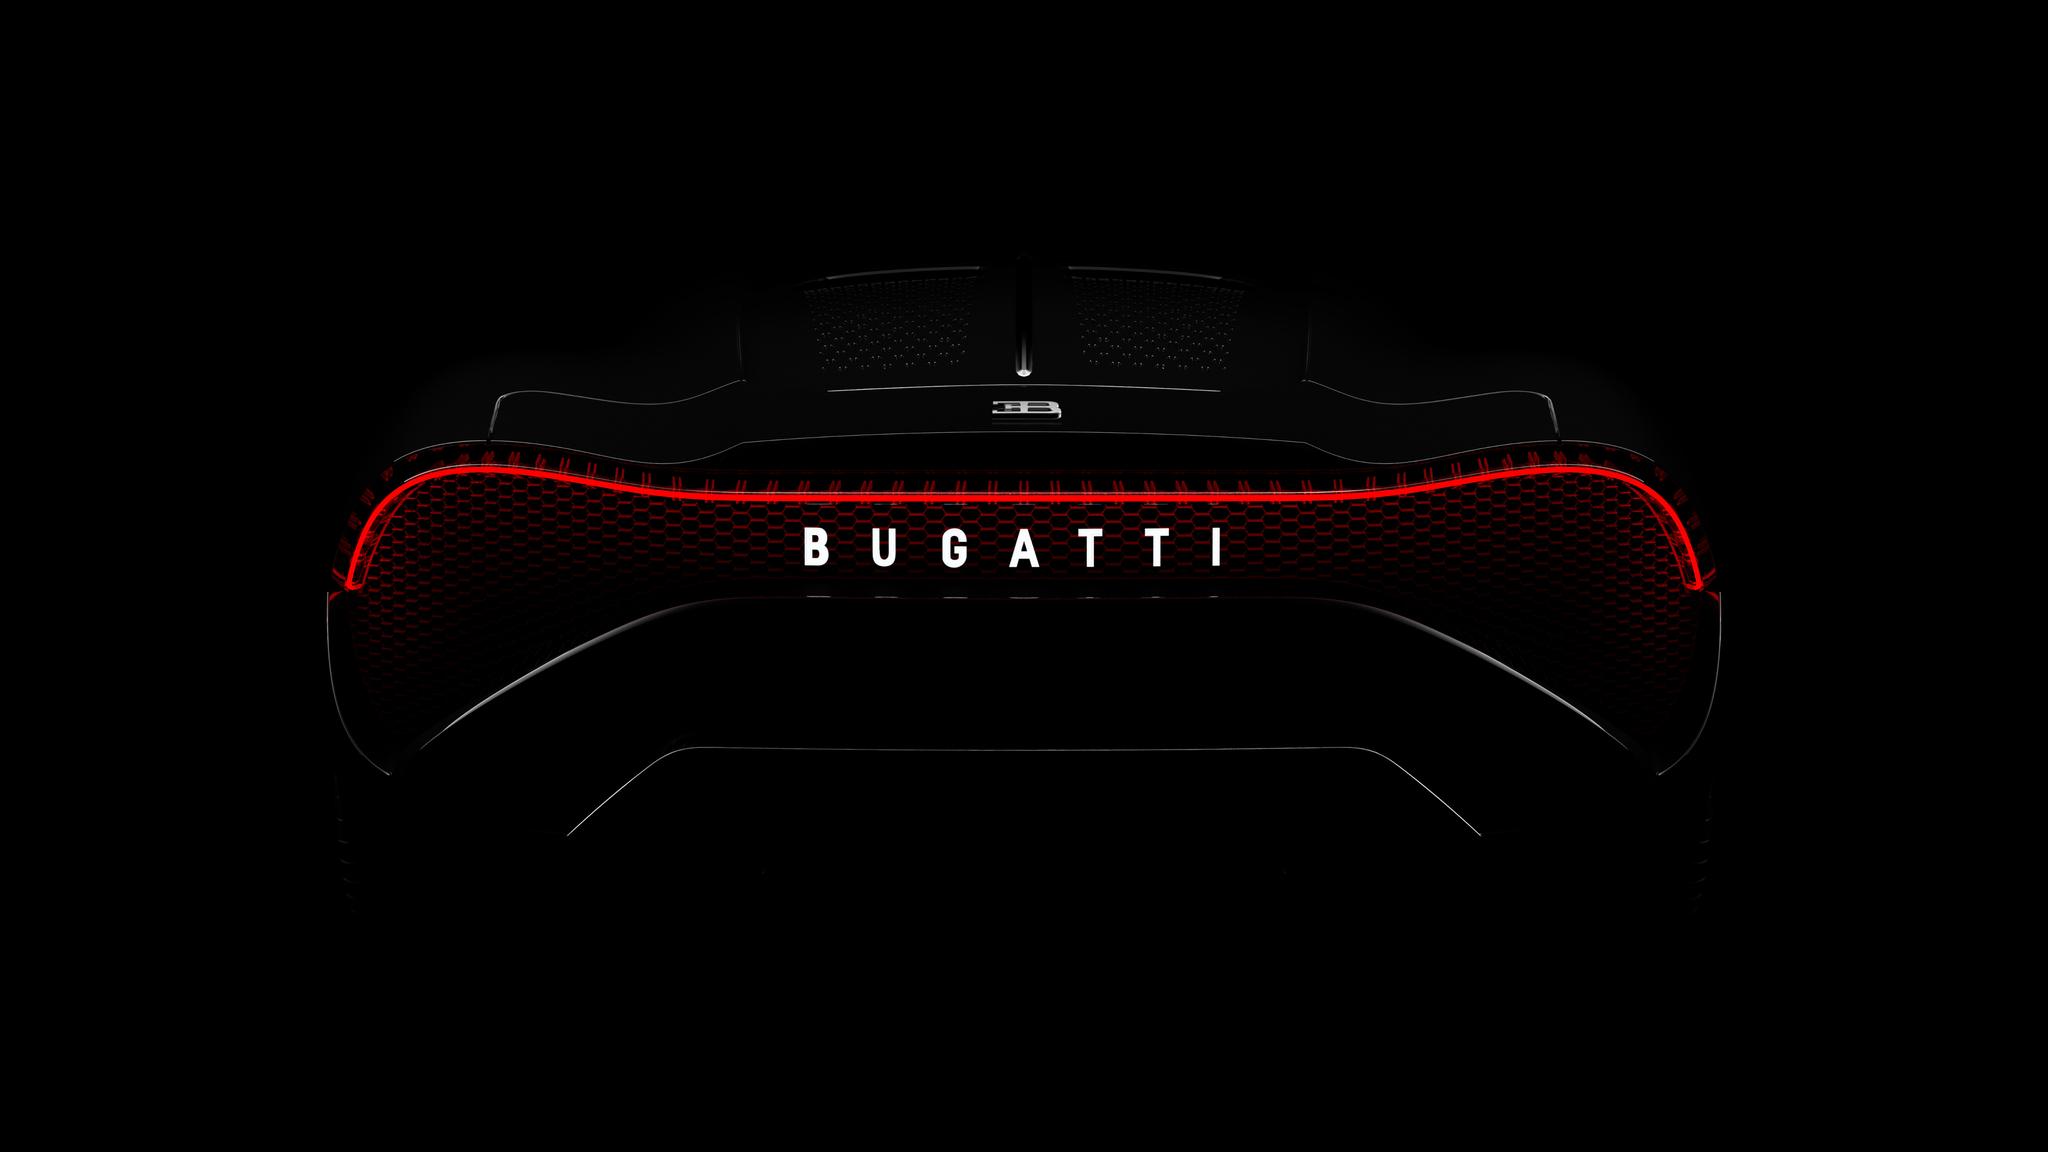 2048x1152 Bugatti La Voiture Noire 2019 Rear Lights